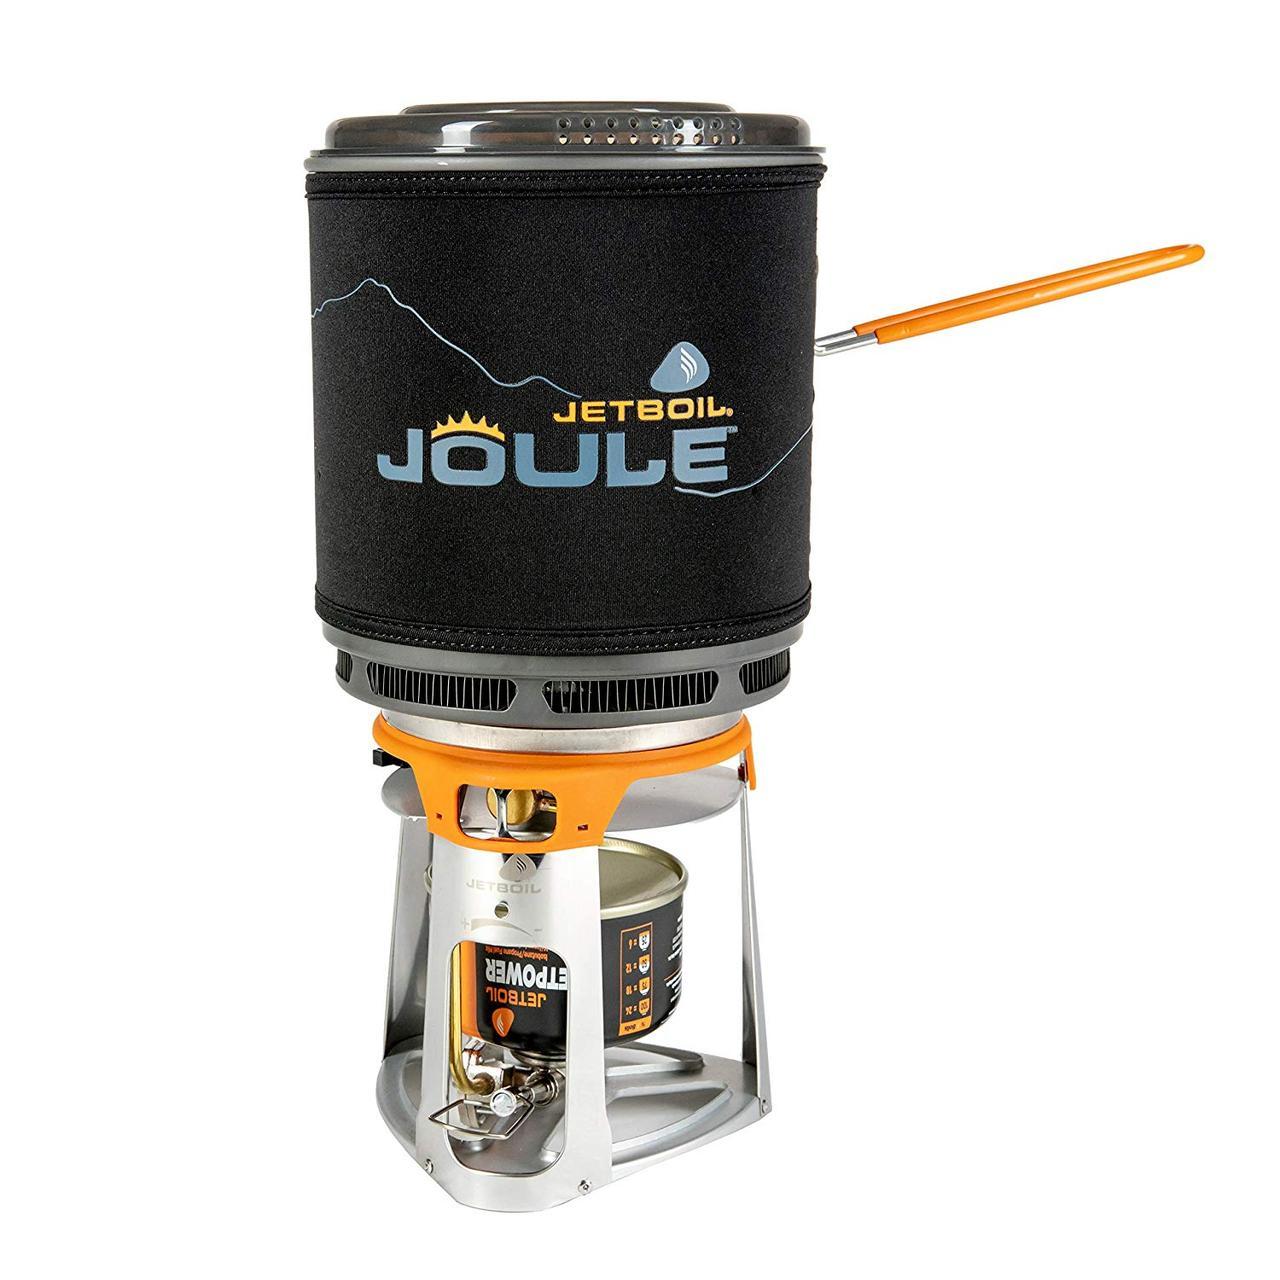 Система для приготовления пищи Jetboil Joule 2.5л